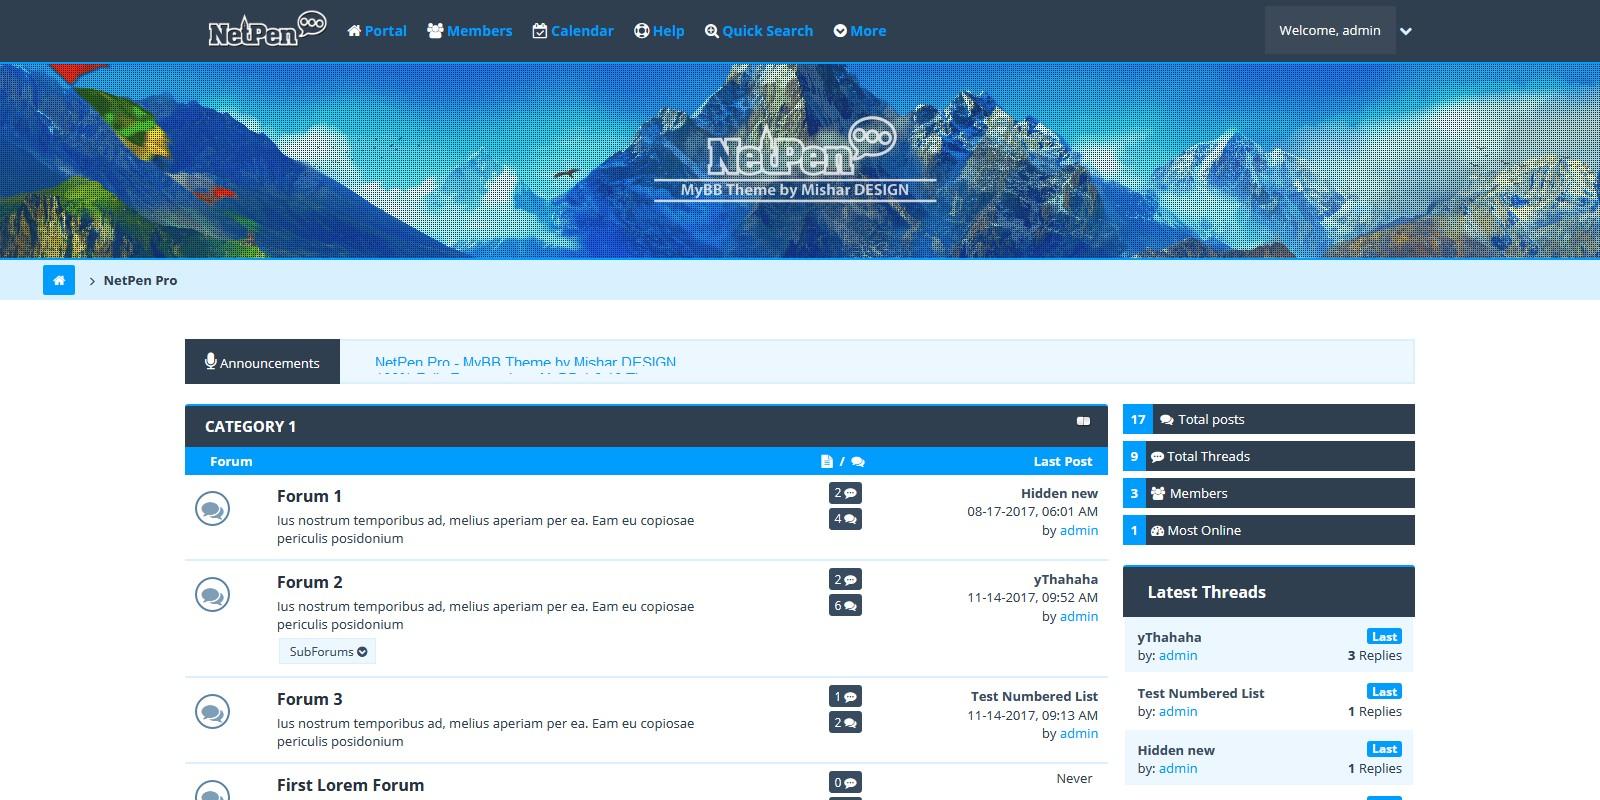 NetPen Pro - MyBB Theme